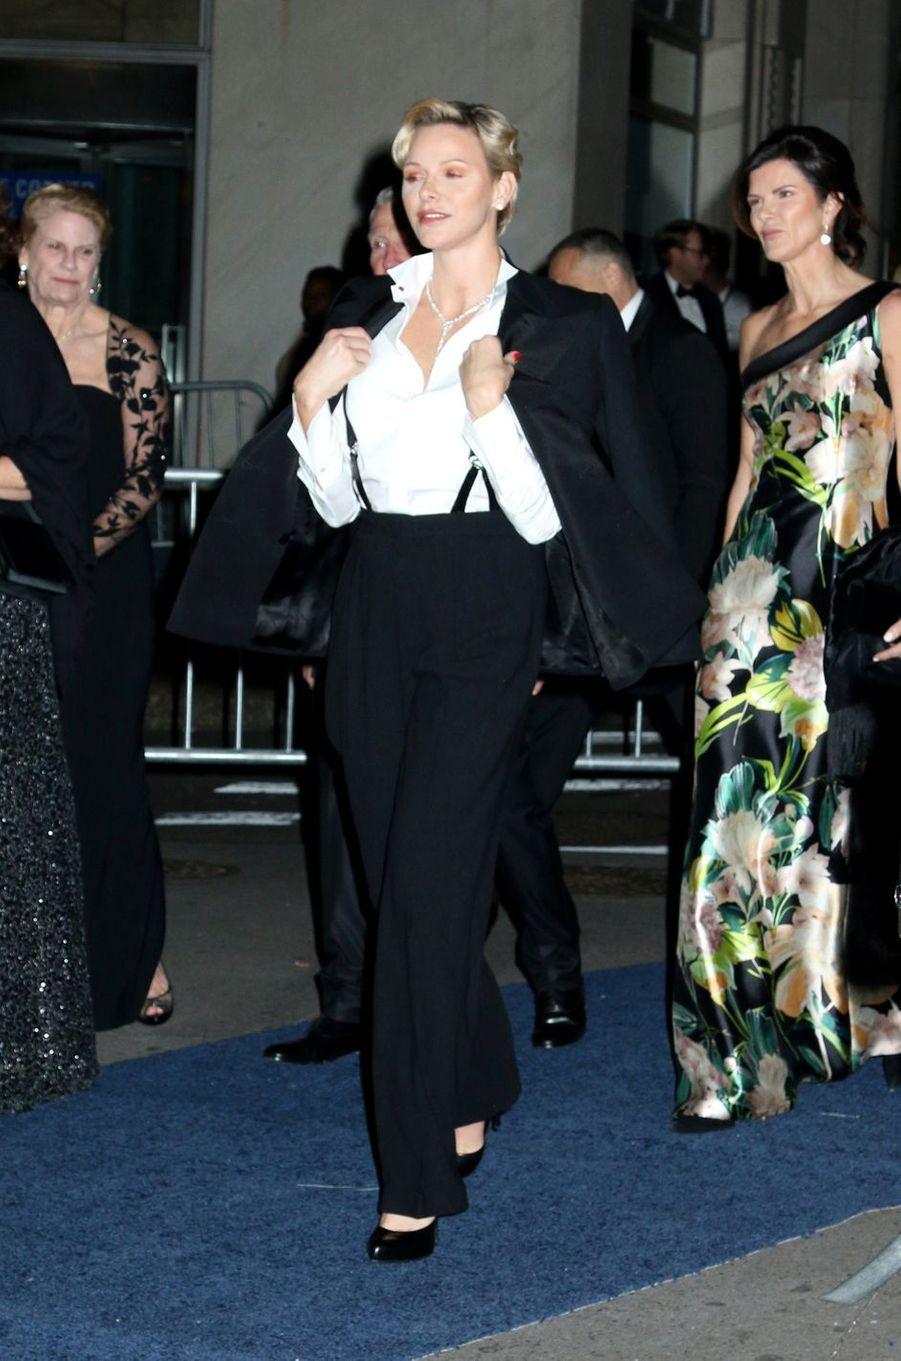 La princesse Charlène de Monaco à New York pour le Princess Grace Awards Gala, le 16 octobre 2018